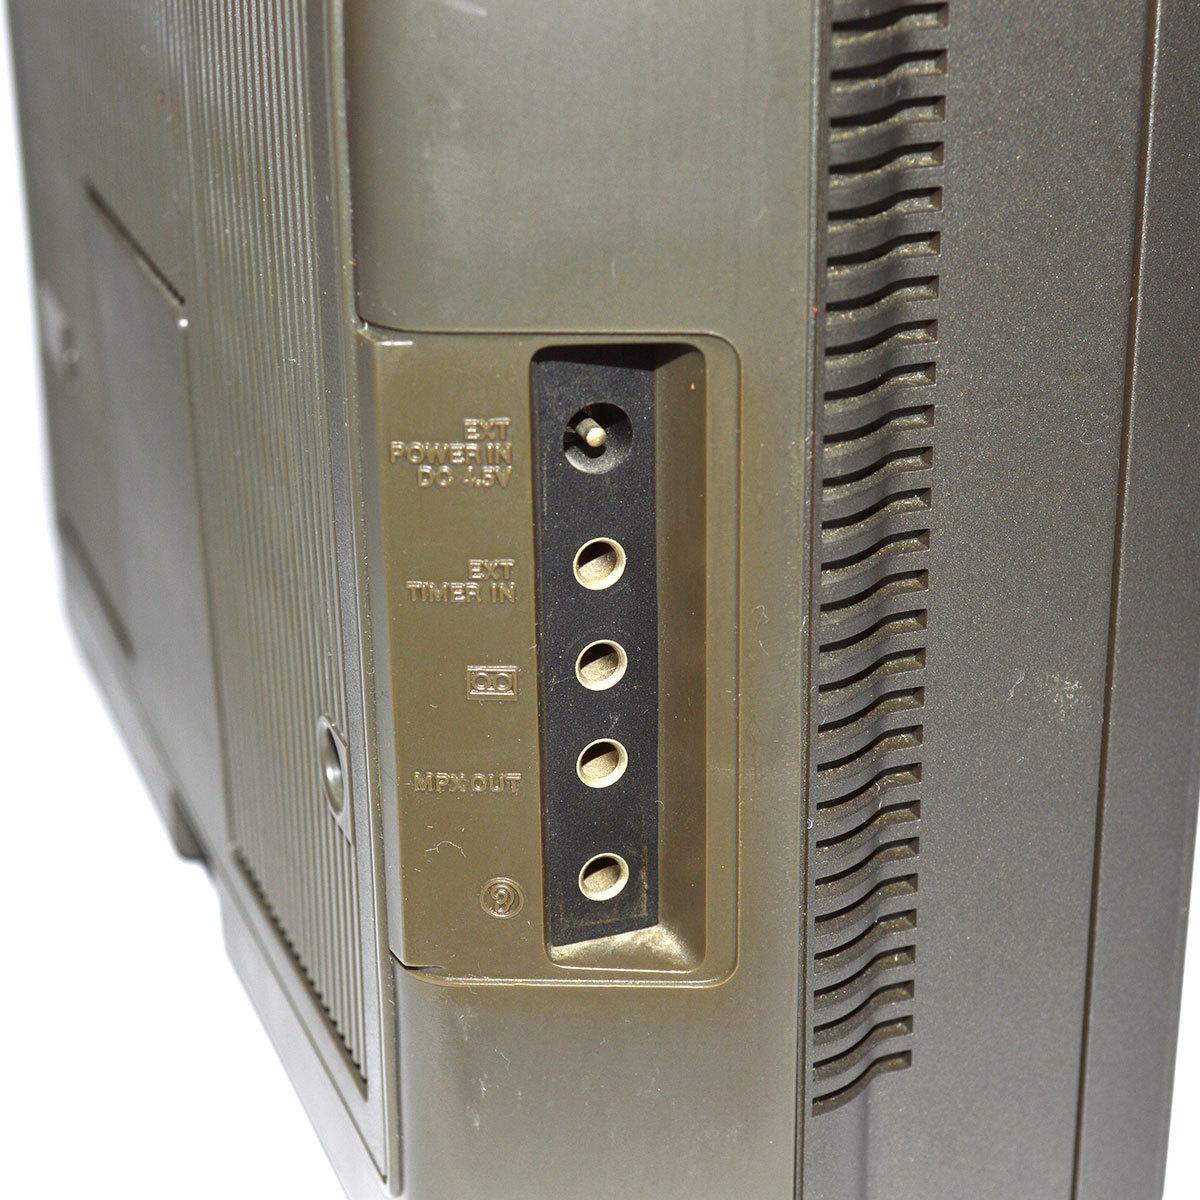 当時物 SONY ソニー ICF-5900 ラジオ スカイセンサー 5BAND バンド マルチバンド レシーバー 昭和 レトロ 東E_画像7